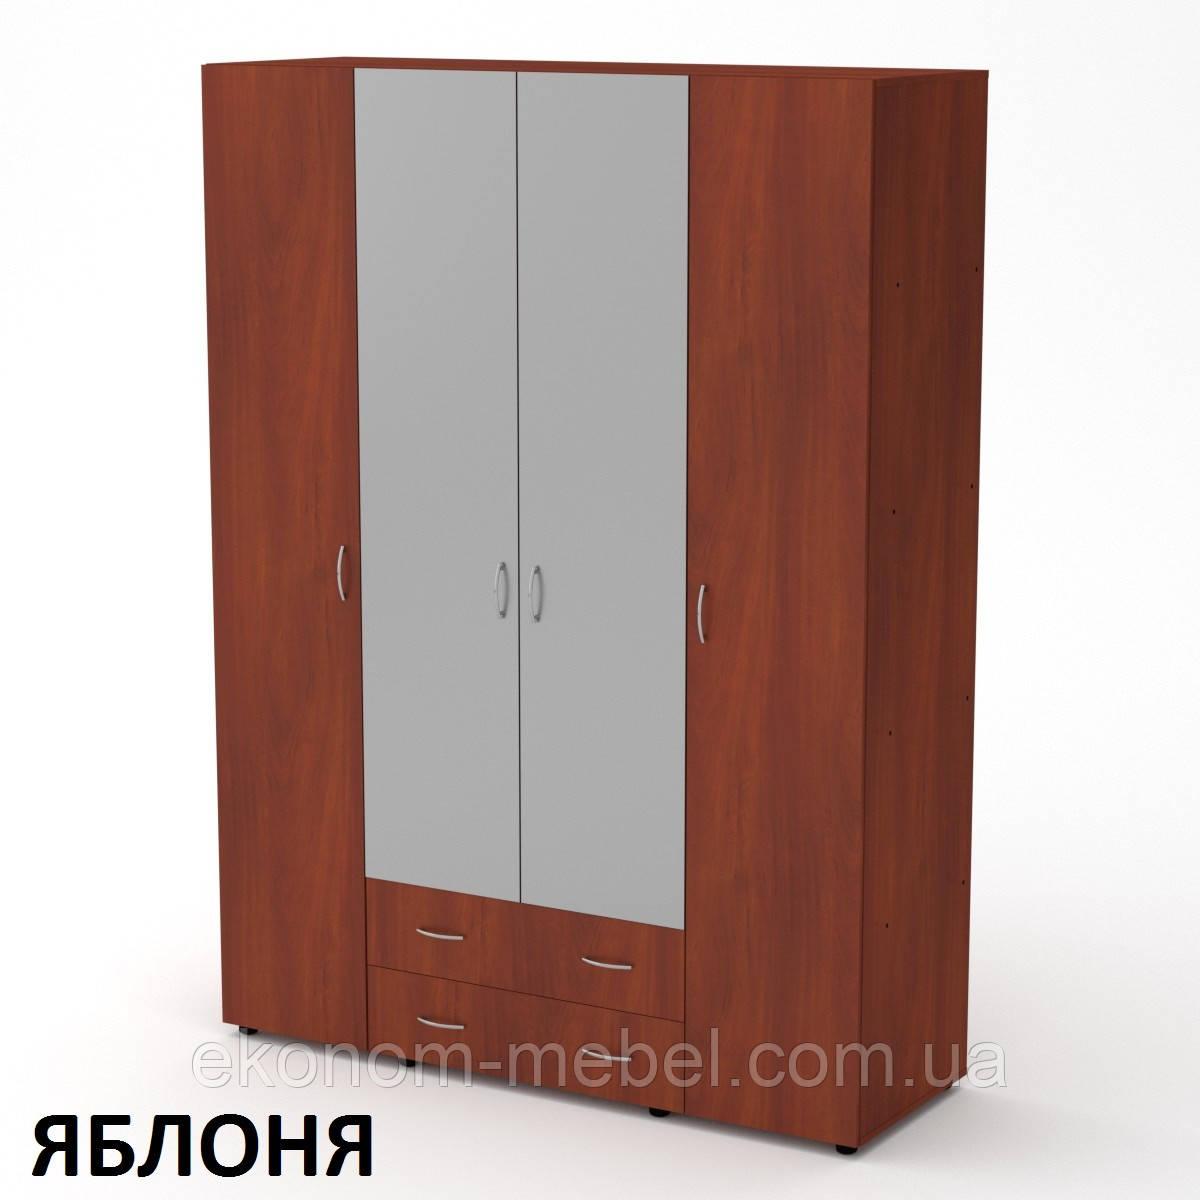 Шкаф-7 160мм с зеркалами, большой и вместительный, с полочными и платяными отделениями